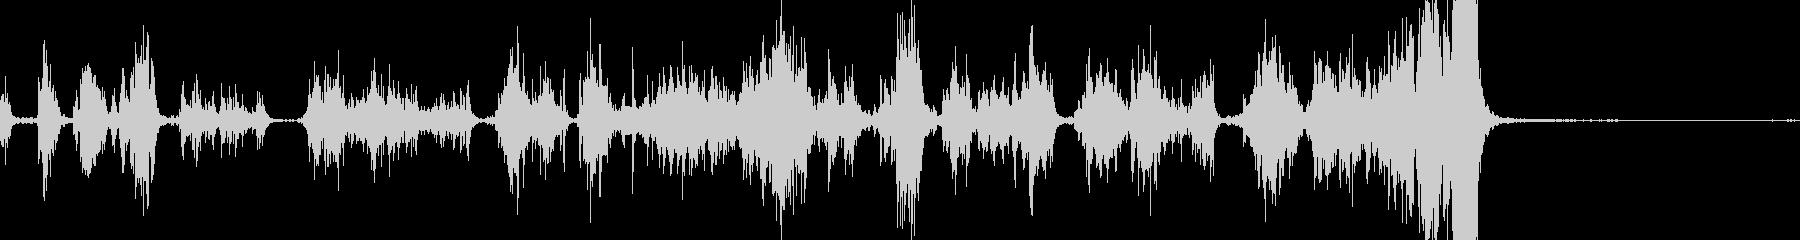 メタルスクレープ;ざらざらしたセメ...の未再生の波形